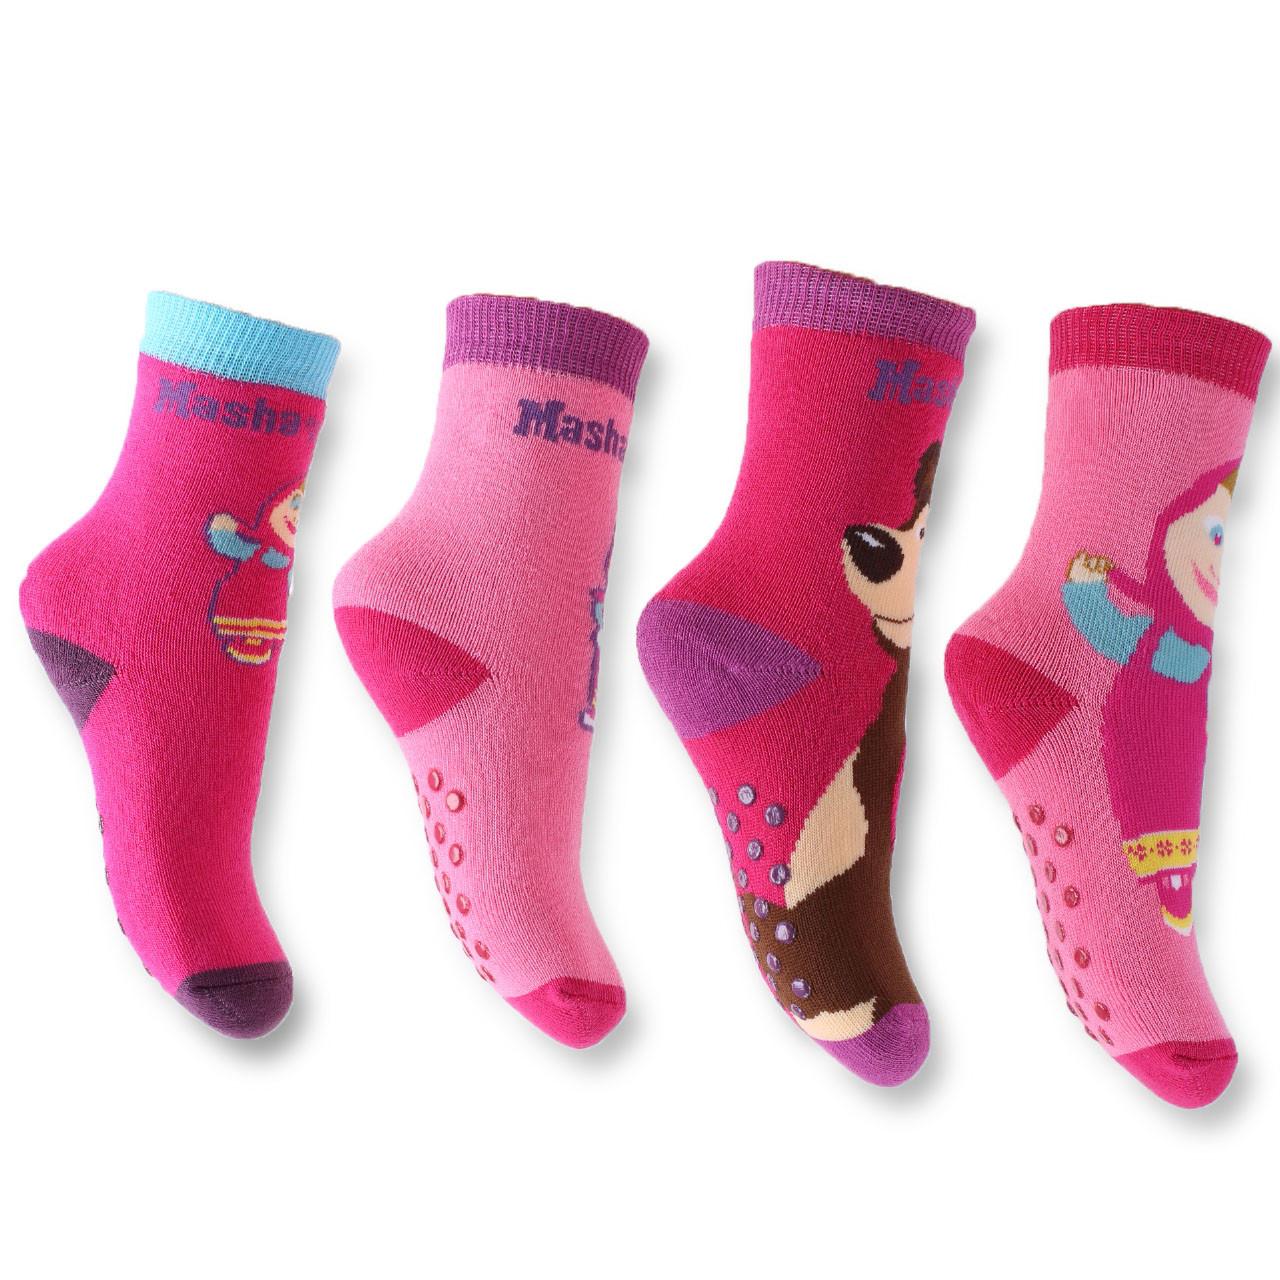 innovative design 32eee 73234 Calze Antiscivolo Bambina Masha e Orso Abbigliamento Bimba *17186